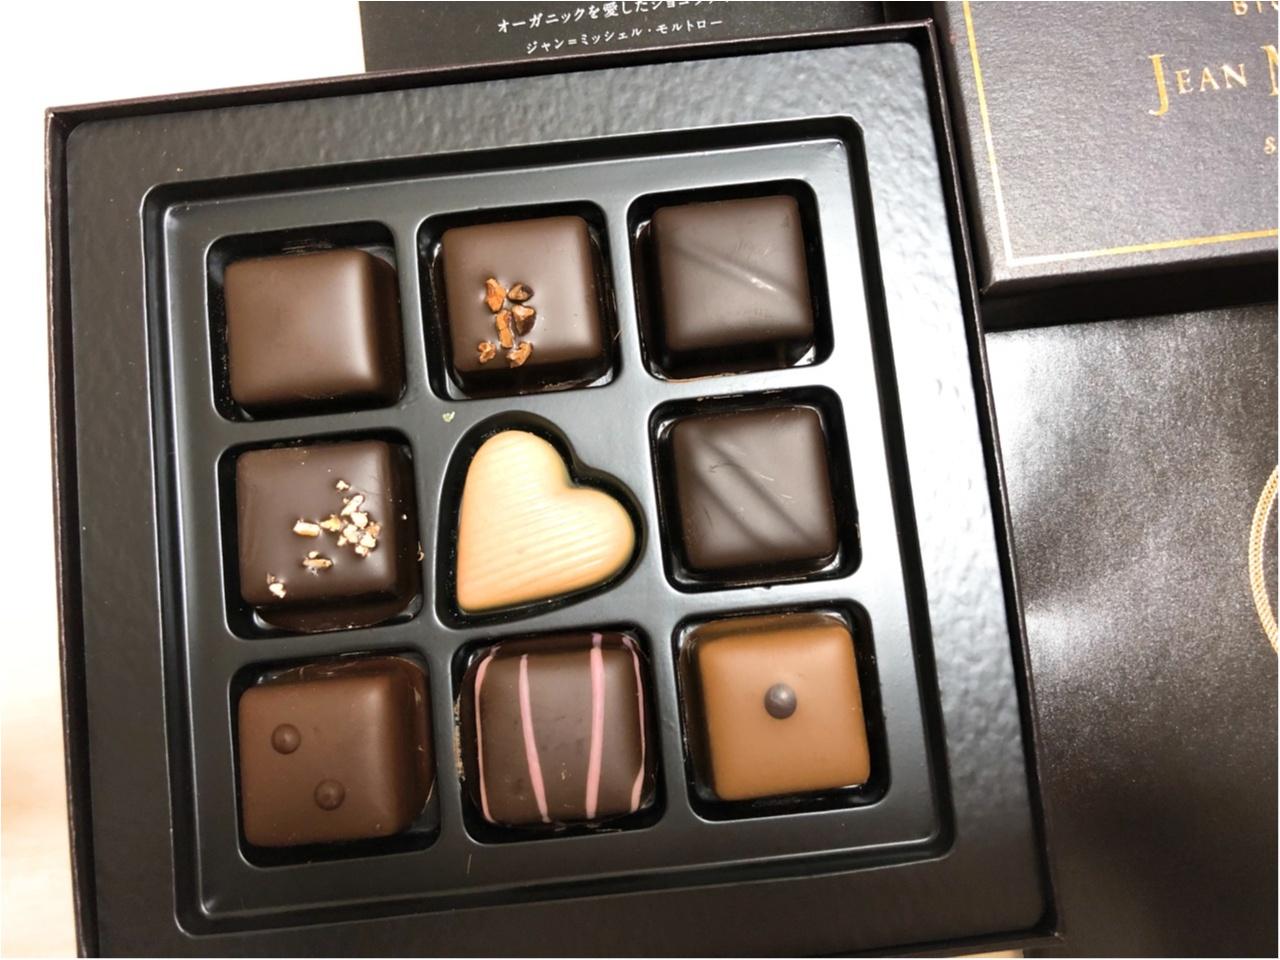 【バレンタイン2018】今年の自分用チョコはオーガニックのやさしさ、カカオの原産地にこだわった『ジャン=ミッシェル・モルトロー』のショコラで!!_1